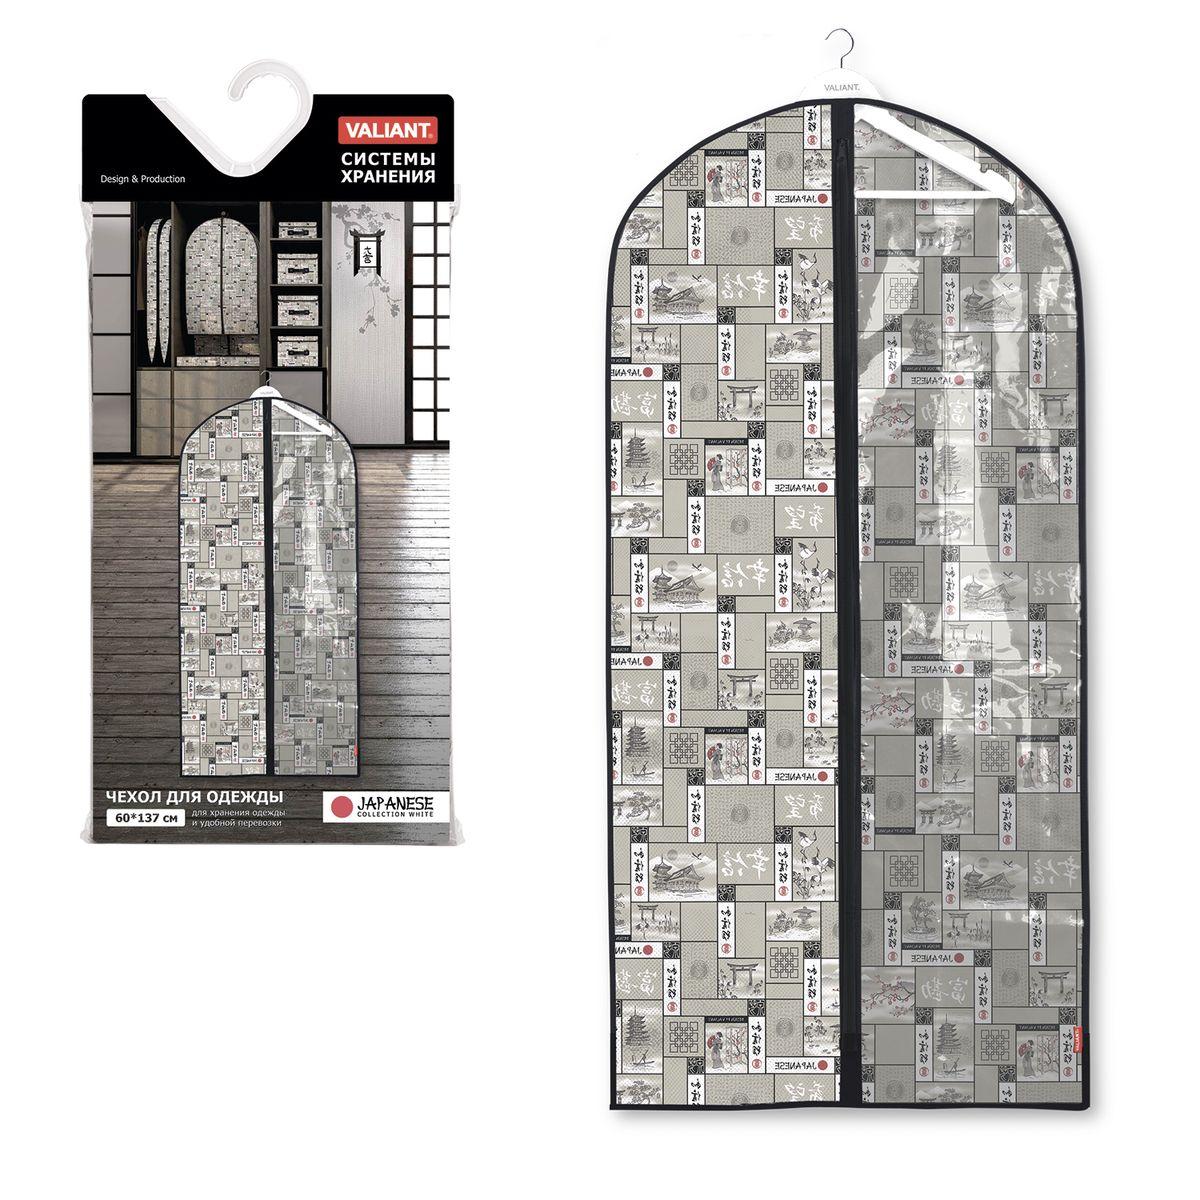 Чехол для одежды Valiant Japanese Black, с прозрачной вставкой, 60 х 137 х 10 смU210DFЧехол для одежды Valiant Japanese Black изготовлен из высококачественного нетканого материала, который обеспечивает естественную вентиляцию, позволяя воздуху проникать внутрь, но не пропускает пыль. Чехол очень удобен в использовании. Специальная прозрачная вставка позволяет видеть содержимое внутри чехла, не открывая его. Чехол легко открывается и закрывается застежкой-молнией. Идеально подойдет для хранения одежды и удобной перевозки.